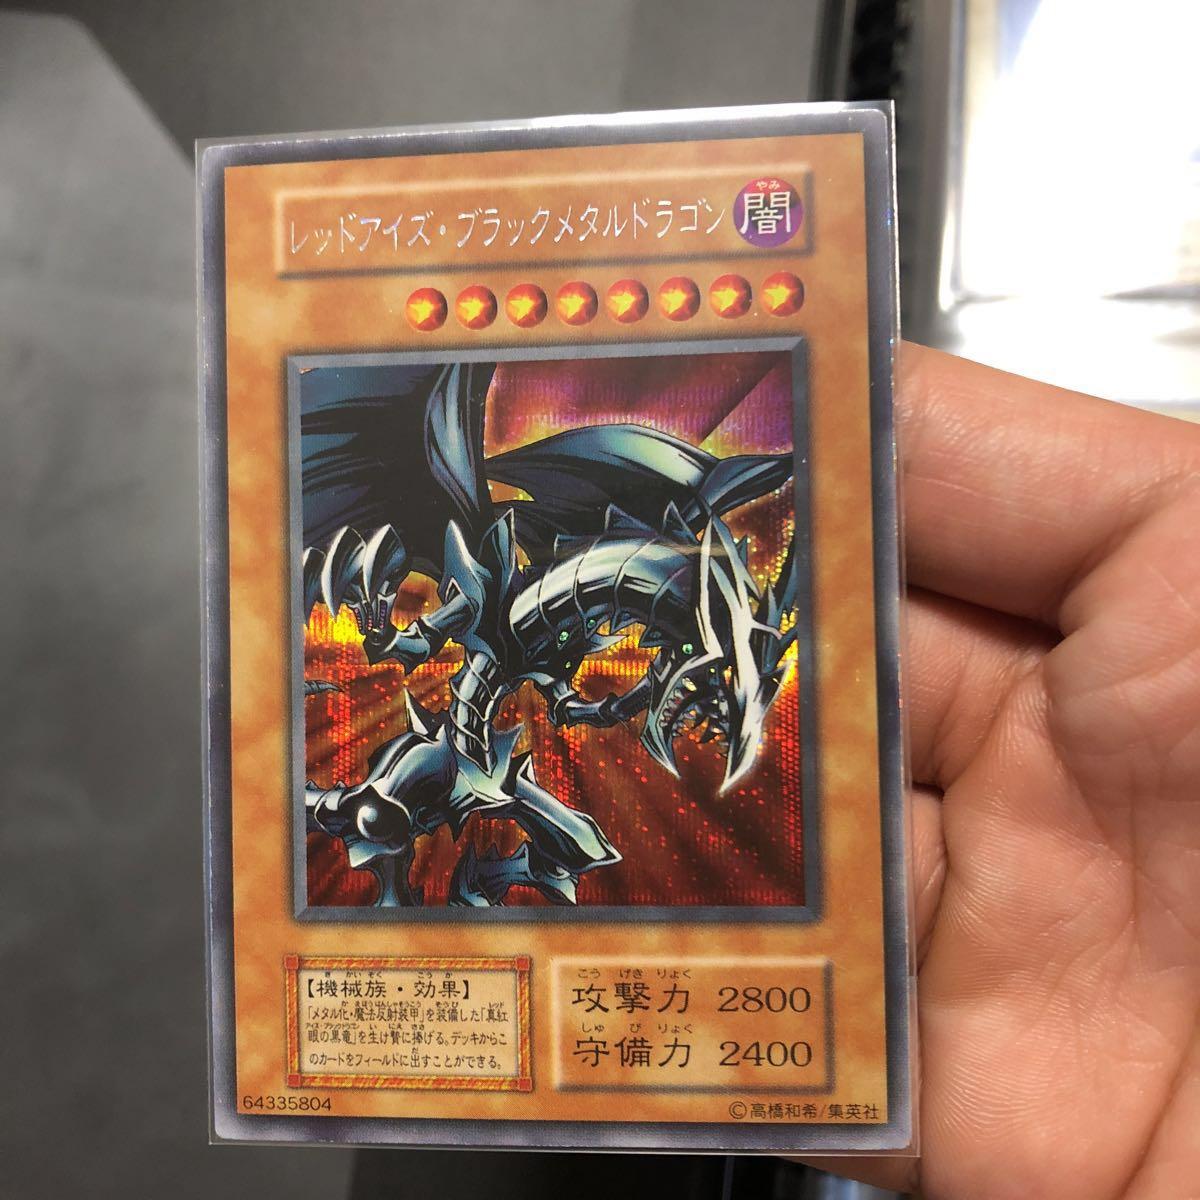 遊戯王 初期 まとめ売り 1期 ブルーアイズ レッドアイズ グレートモス ブラックメタル など 即決おまけあり 400枚以上_画像6